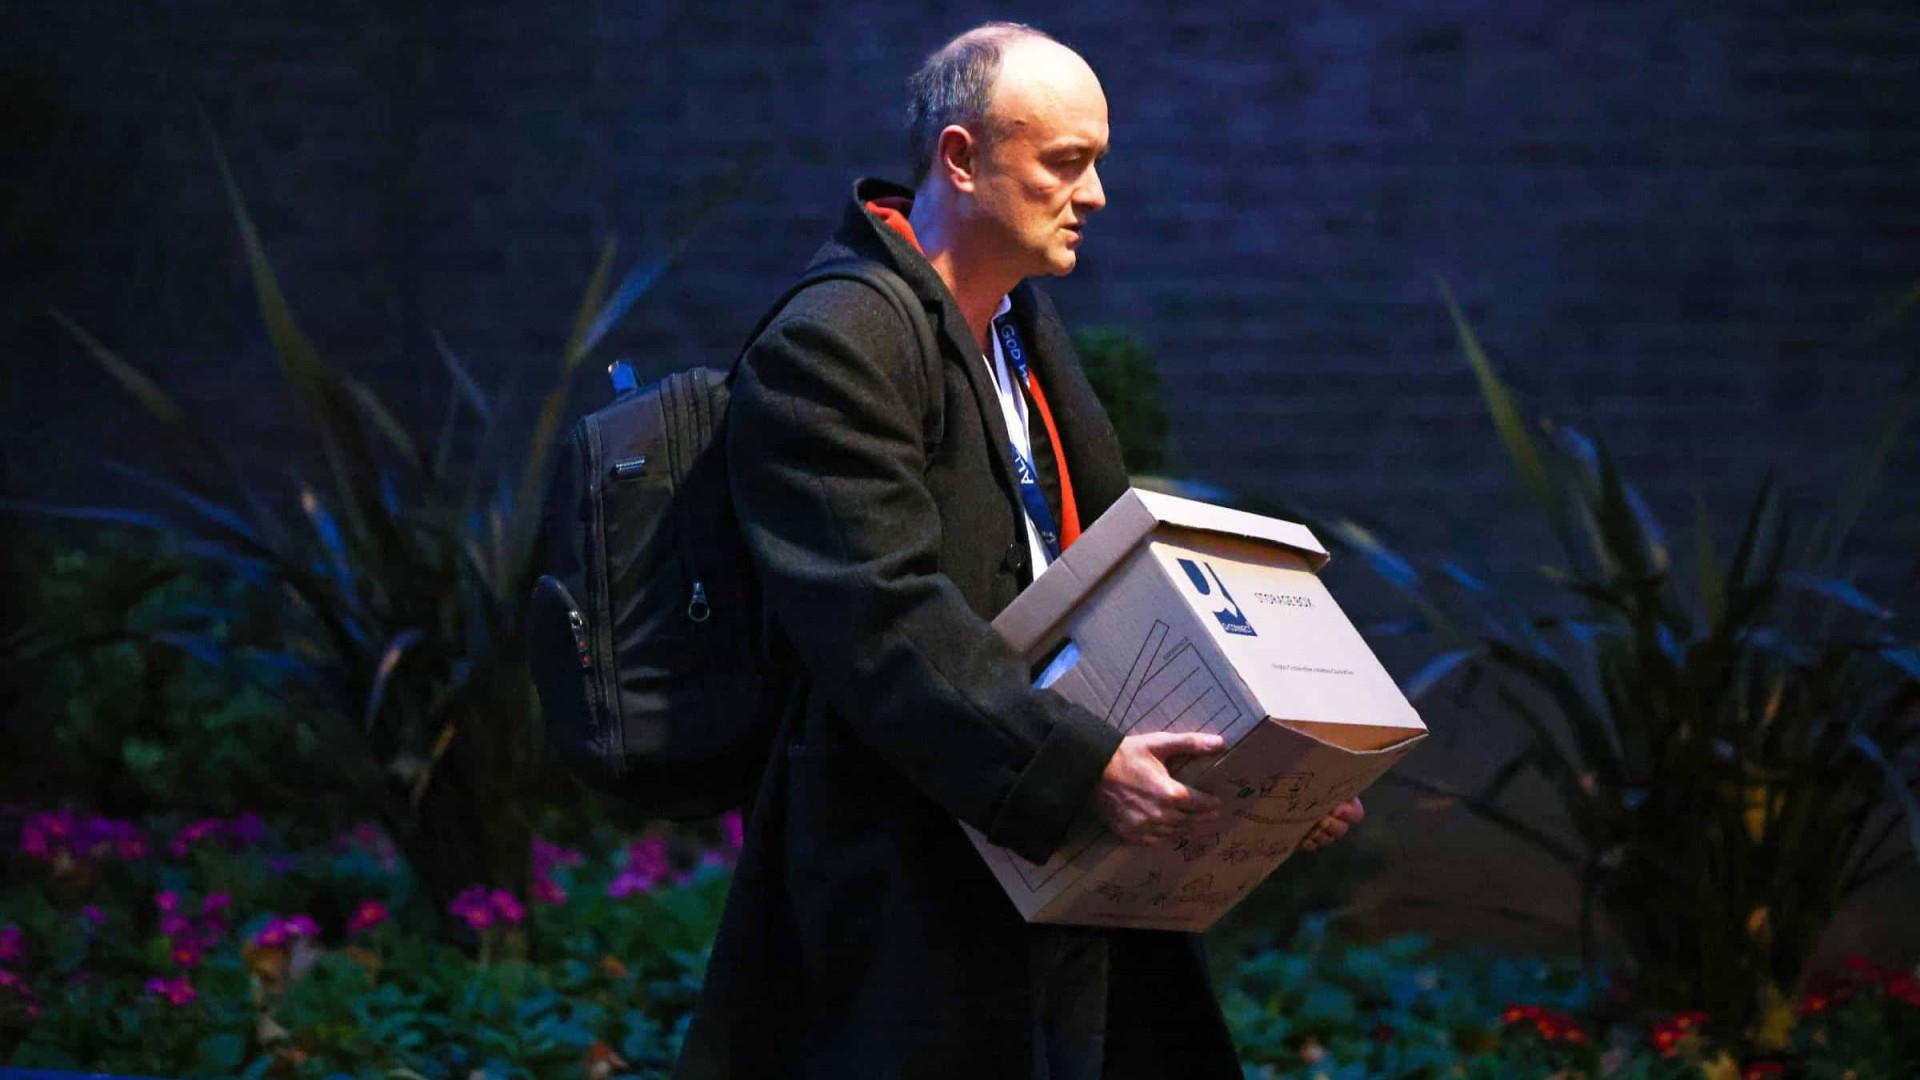 Influente e polêmico assessor de Boris Johnson deixa o governo